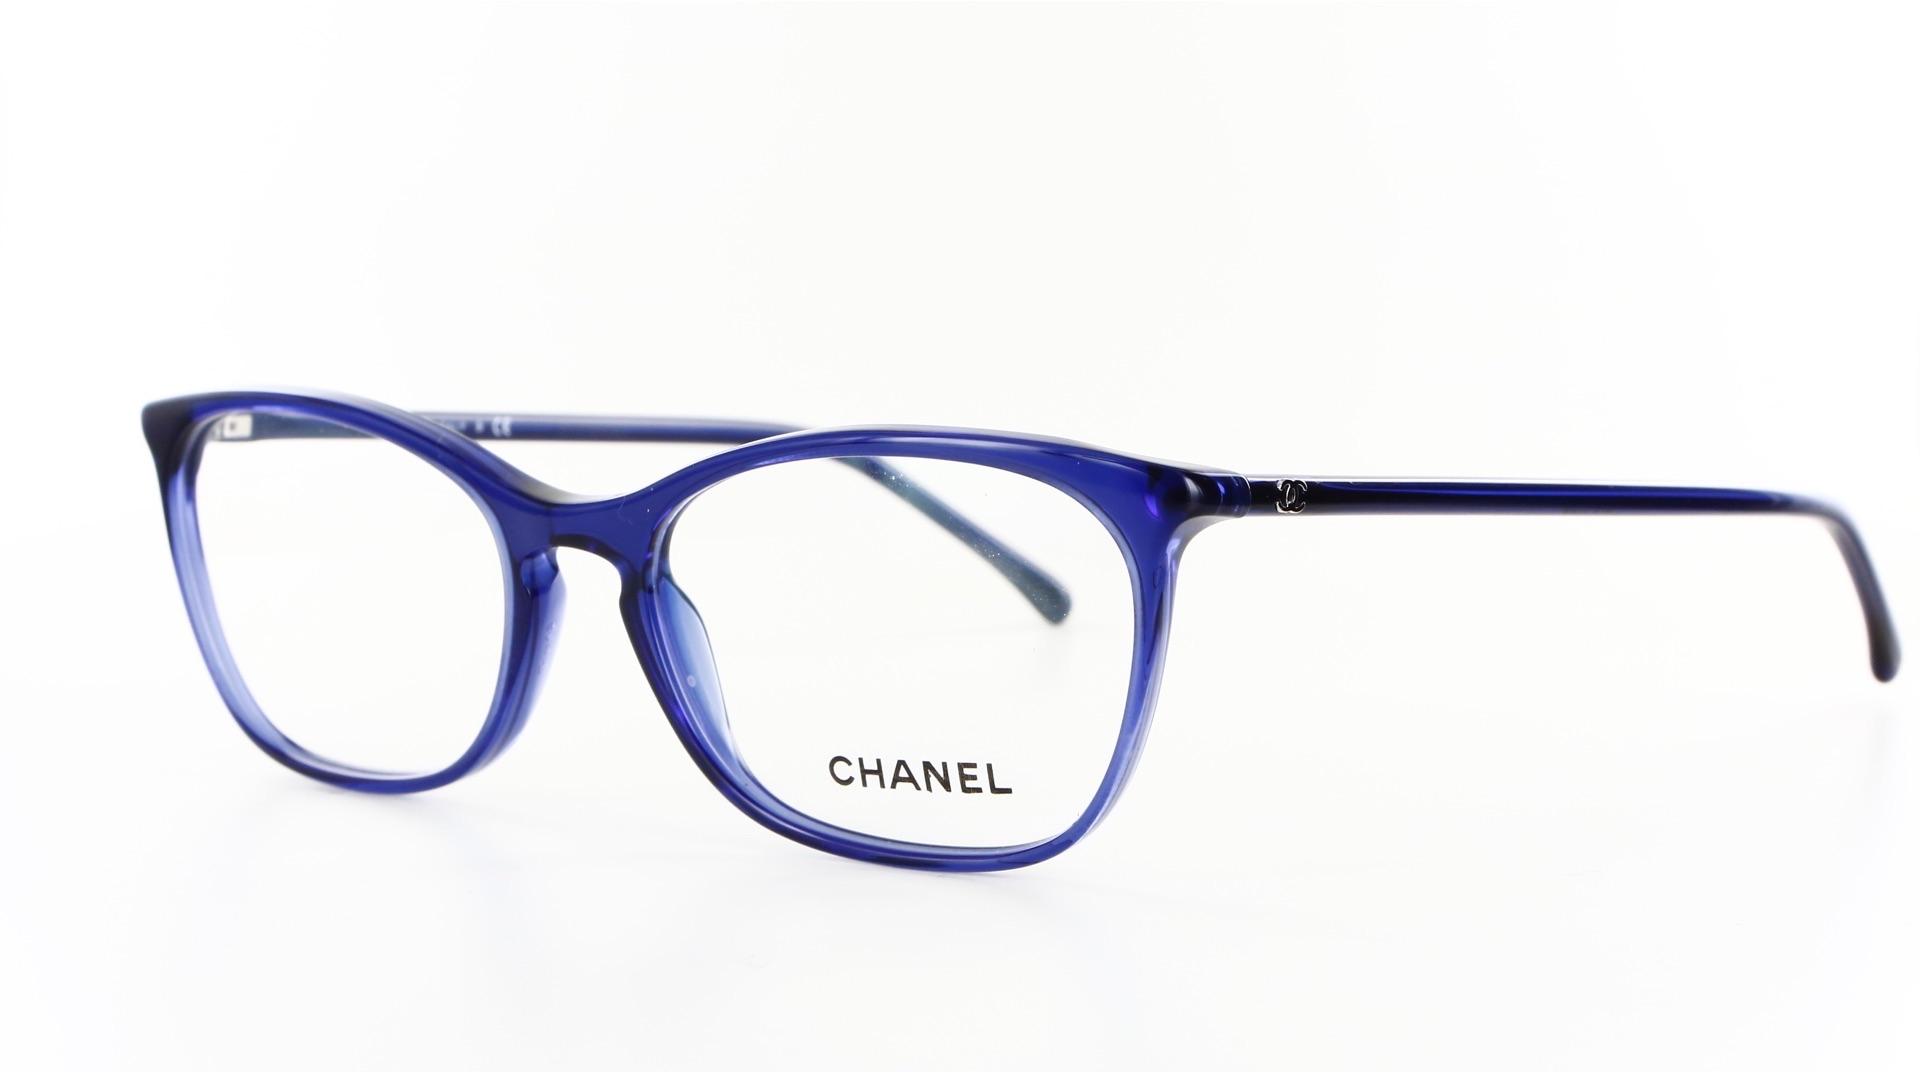 Chanel - ref: 69932